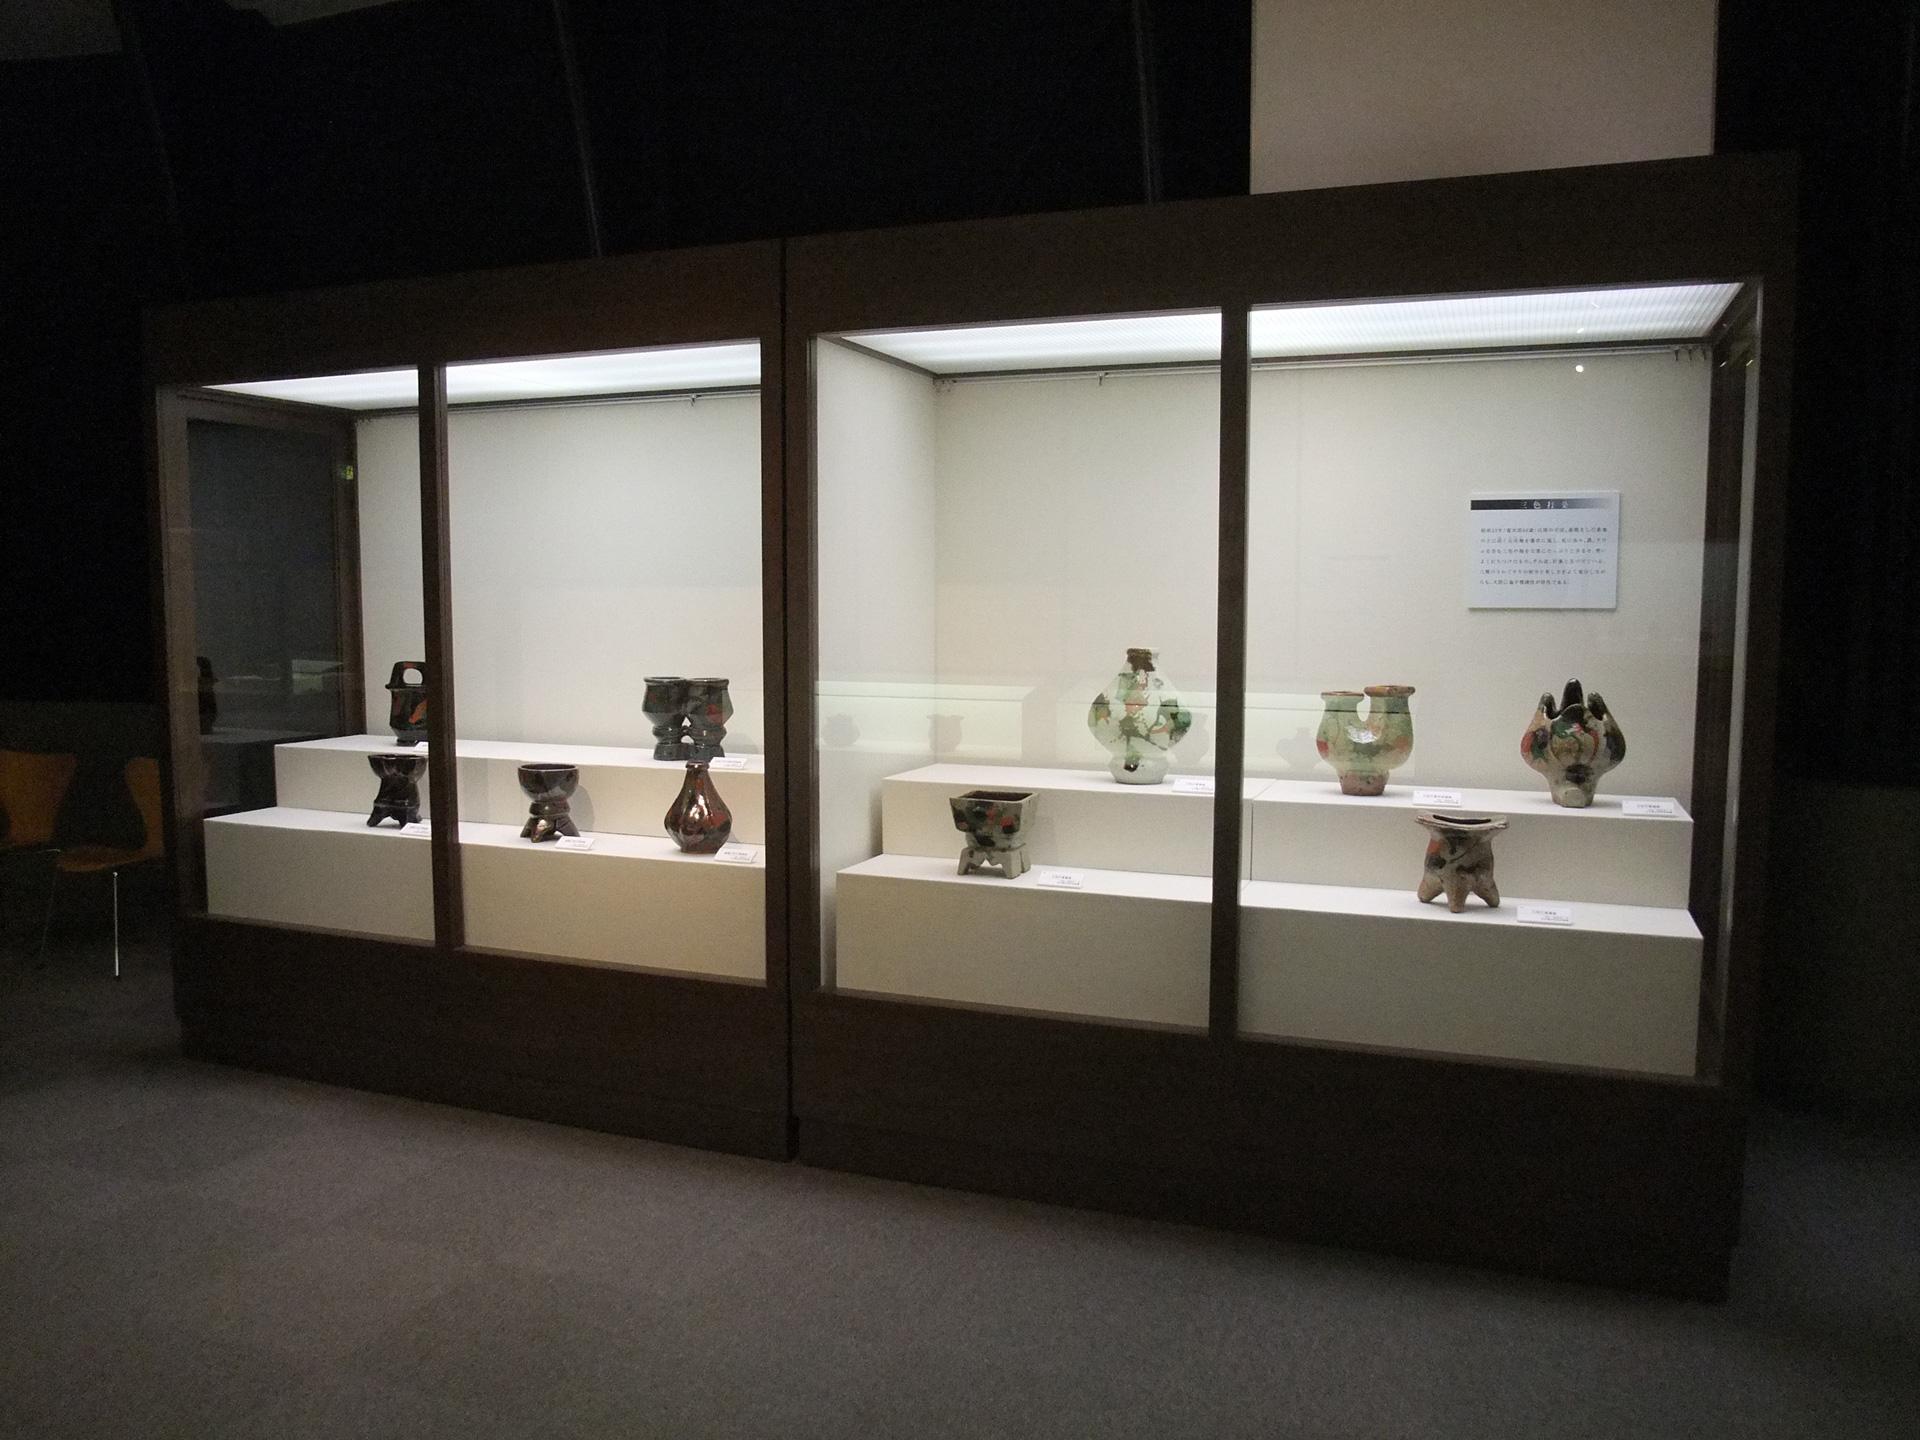 第2展示室の会場の風景と主な展示品の紹介